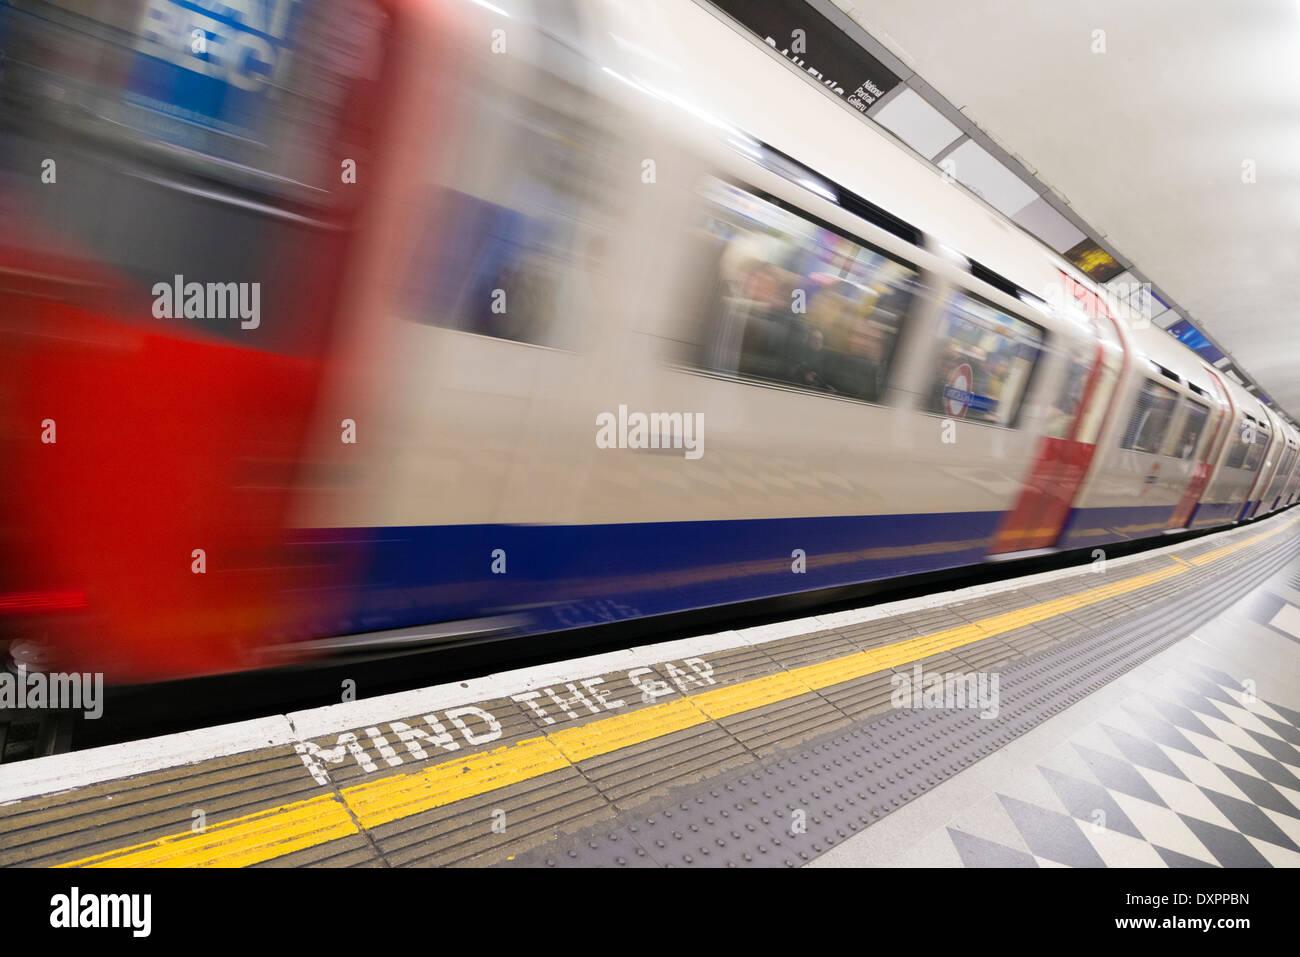 Train de quitter la station de métro de Londres, Angleterre, Royaume-Uni Photo Stock